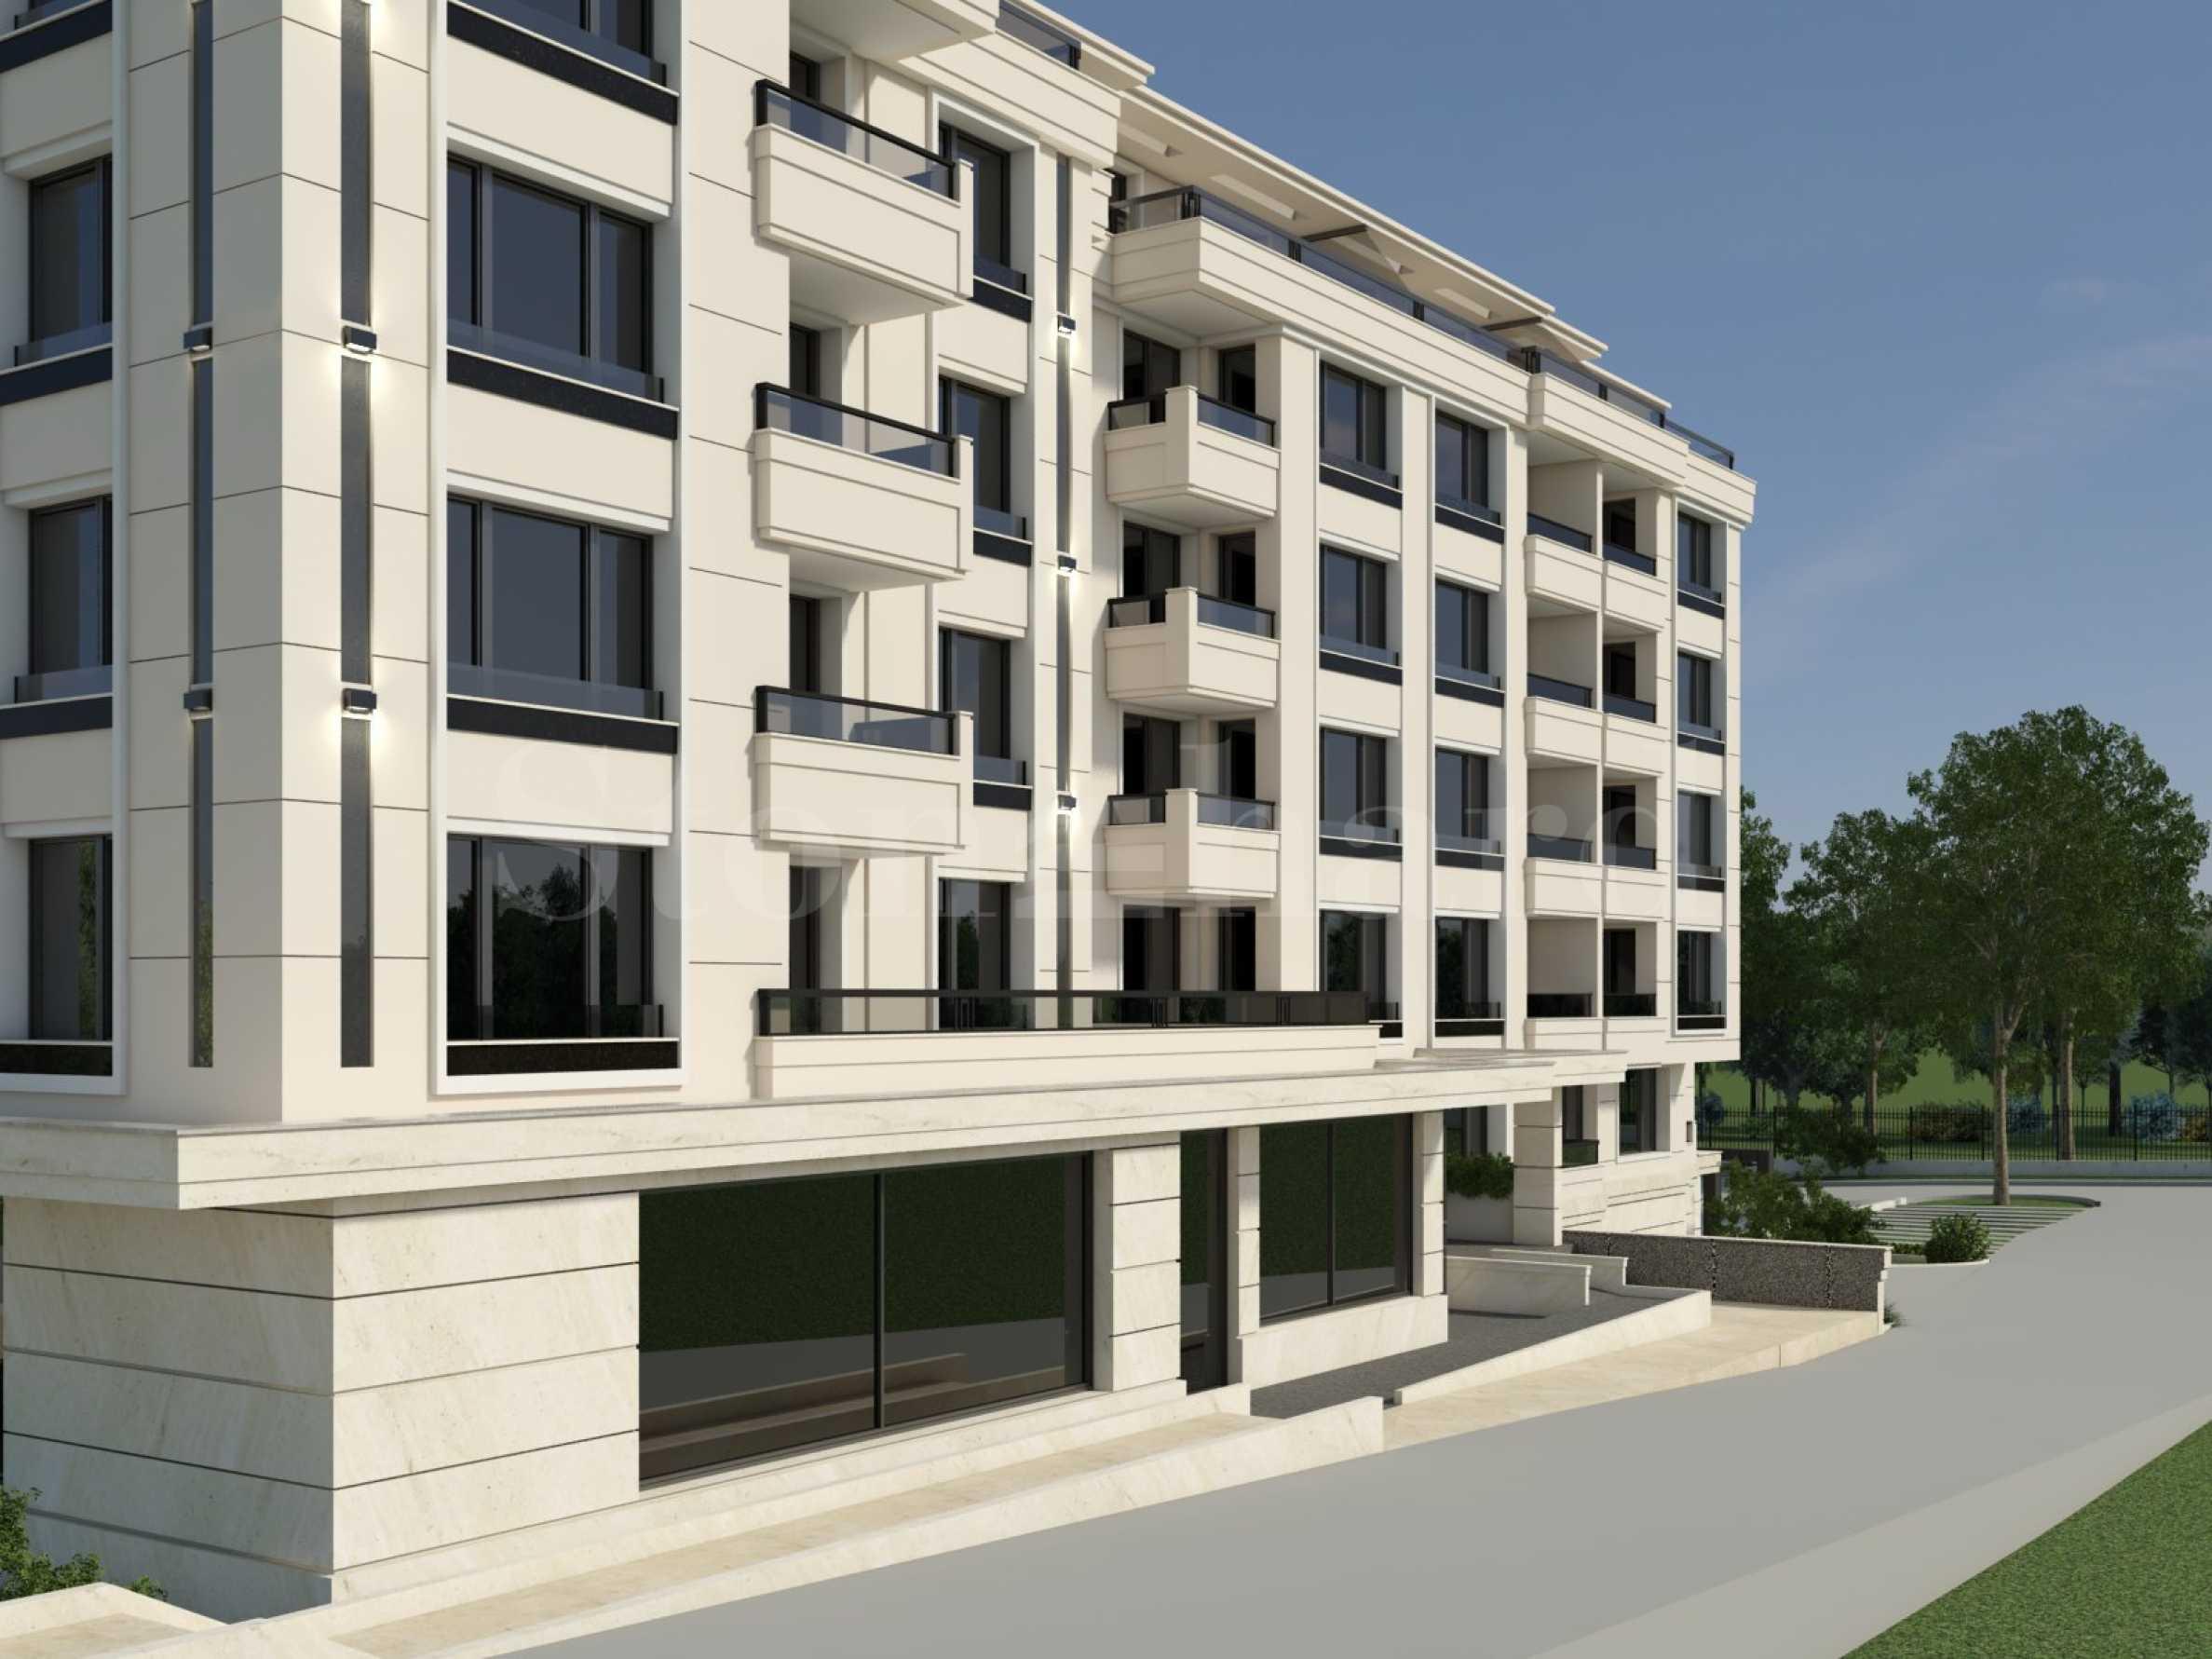 Висококачествен и стилен жилищен комплекс в кв. Младост 22 - Stonehard